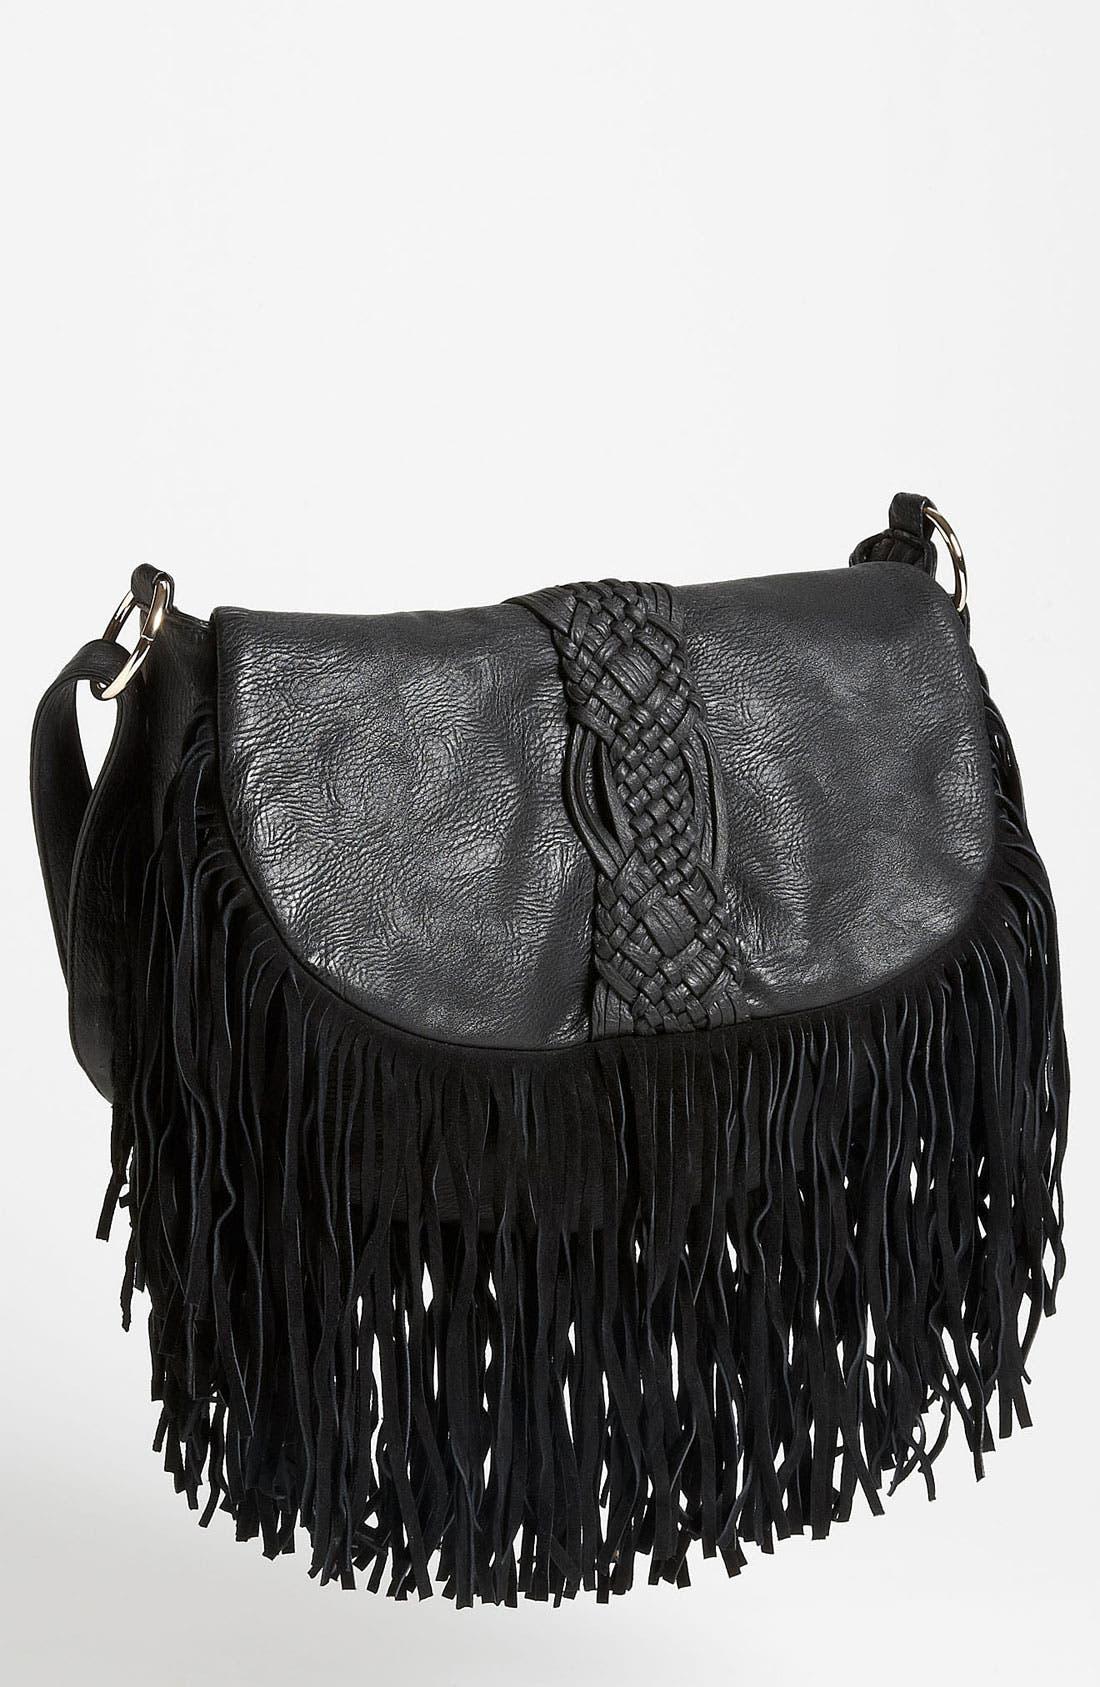 Alternate Image 1 Selected - Street Level Woven Fringe Crossbody Bag